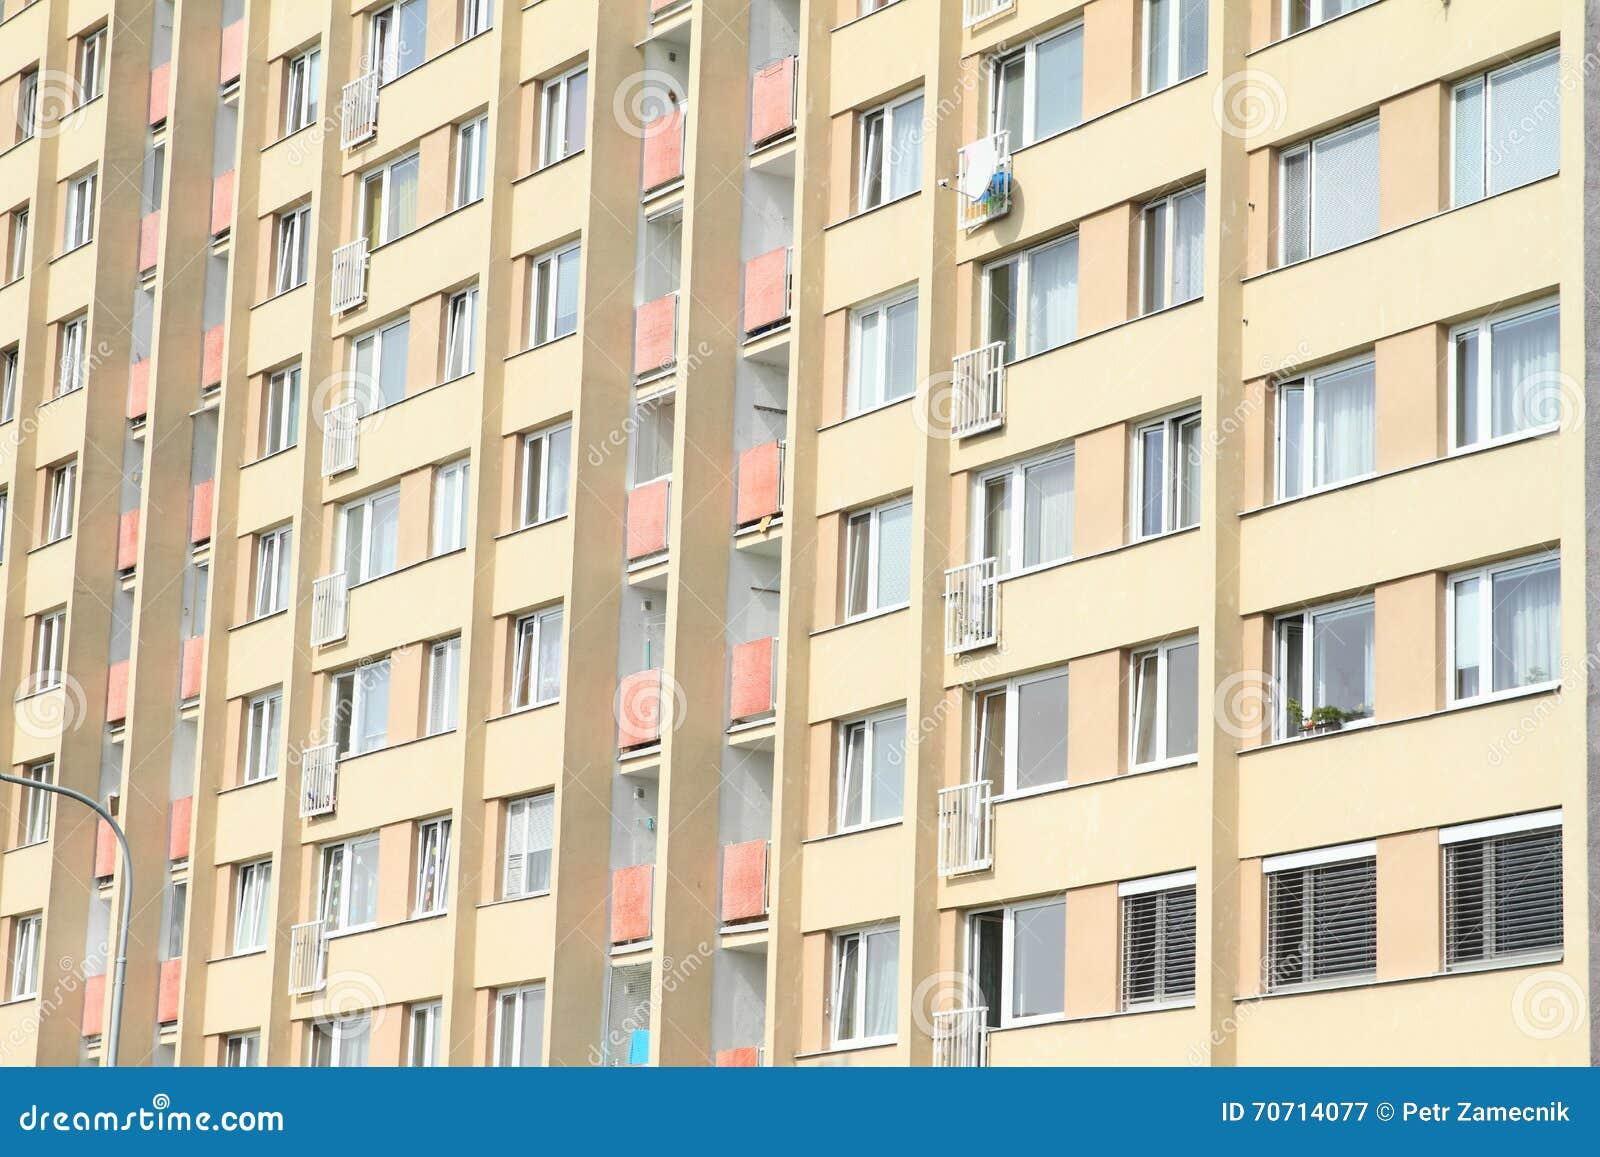 Fertighaus Stockbild Bild Von Fertighaus Gelb Tschechisch 70714077